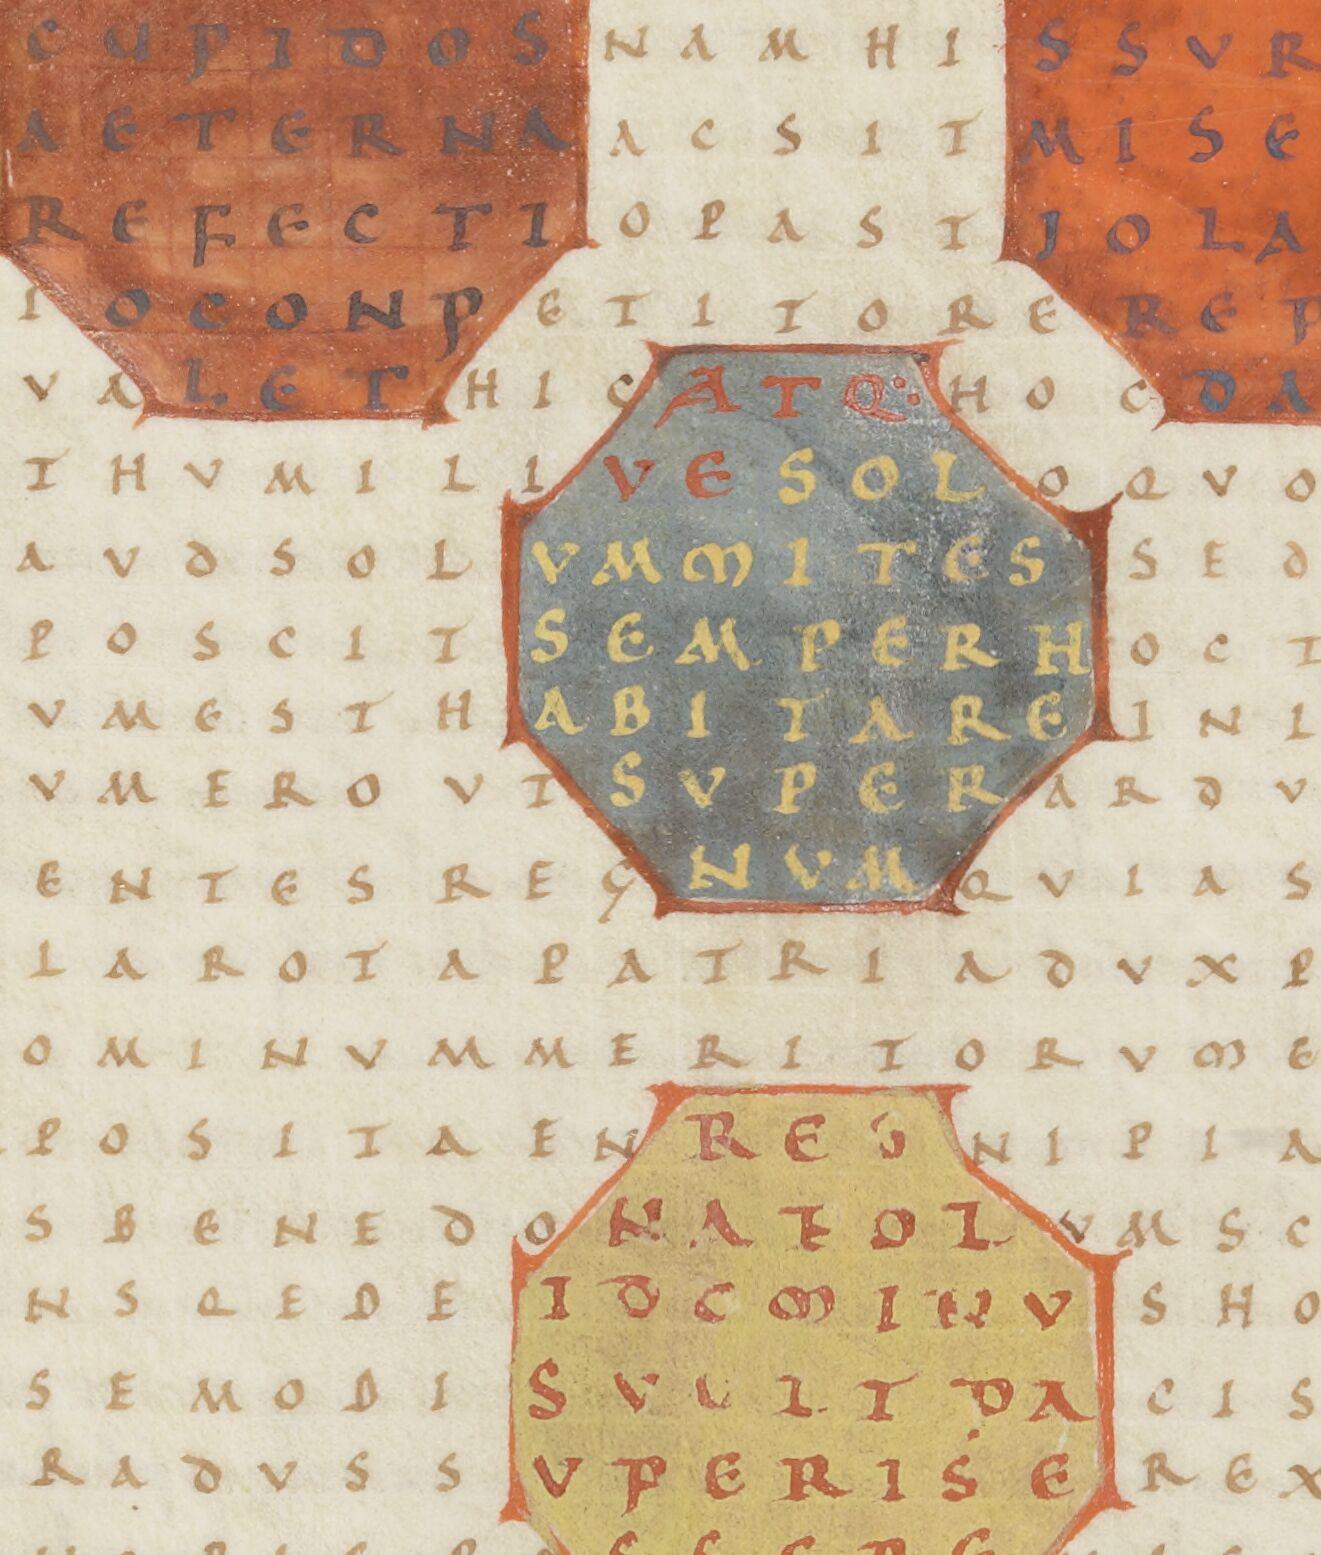 Rabanus Maurus, In honorem sanctae Crucis [De laudibus sanctae Crucis] (f. 1r-45r). — Publius Optatianus Porphyrius, Panegyricus Constantino missus (46-55).